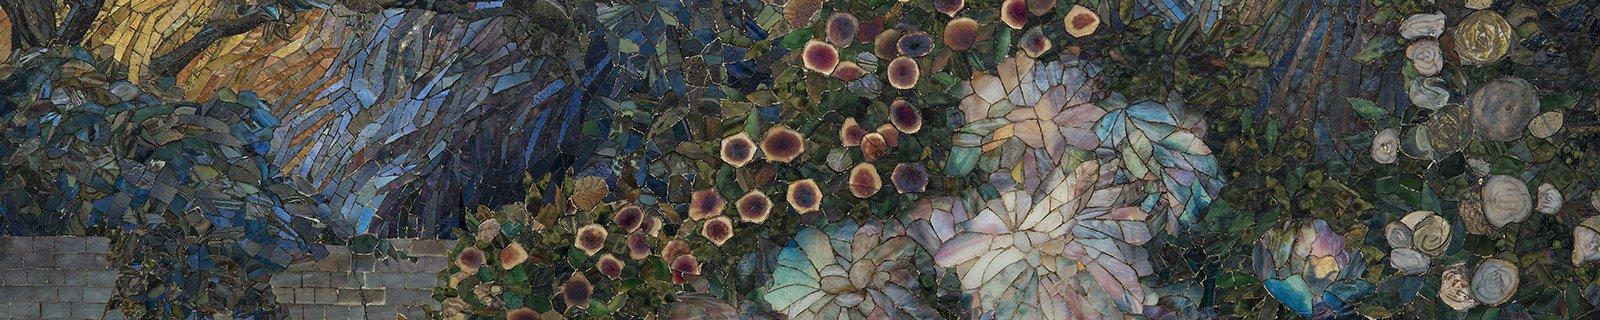 Explore Tiffany's Mosaics Online